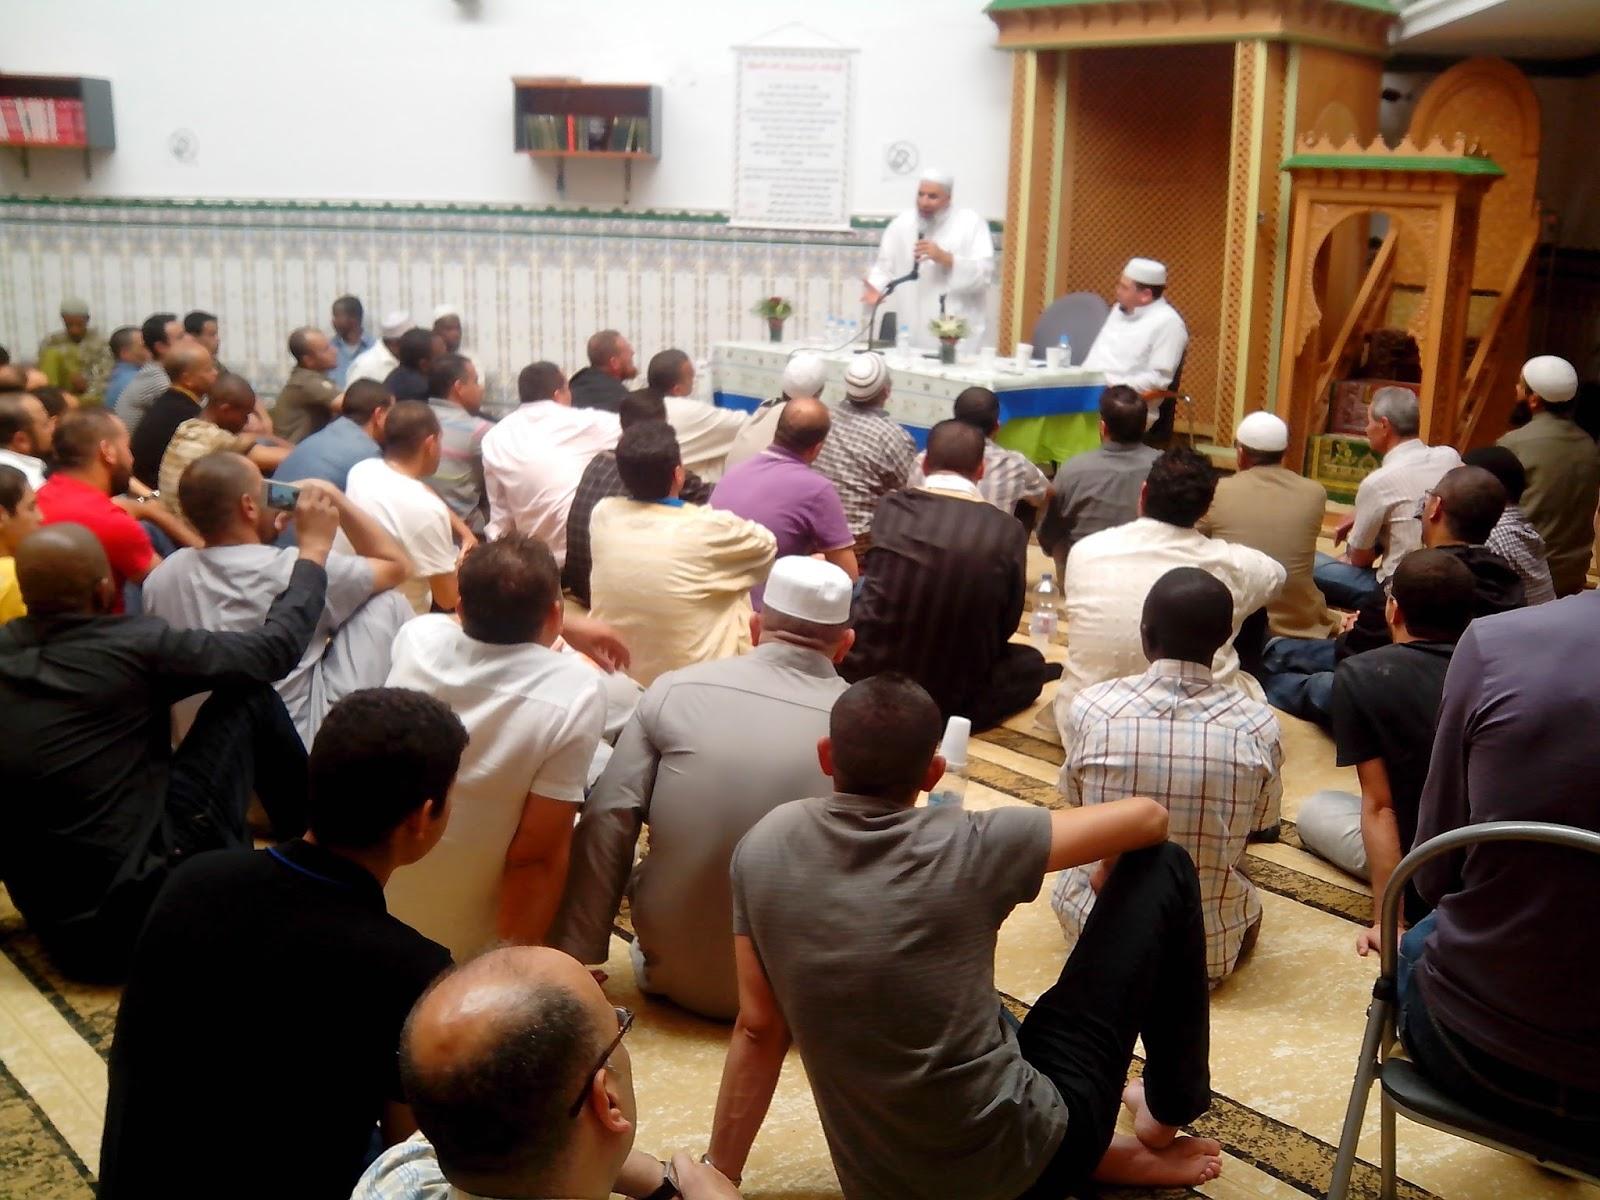 Comunidad Islámica de Pamplona, recibe al Sheij Abdelsalam Albasyuni